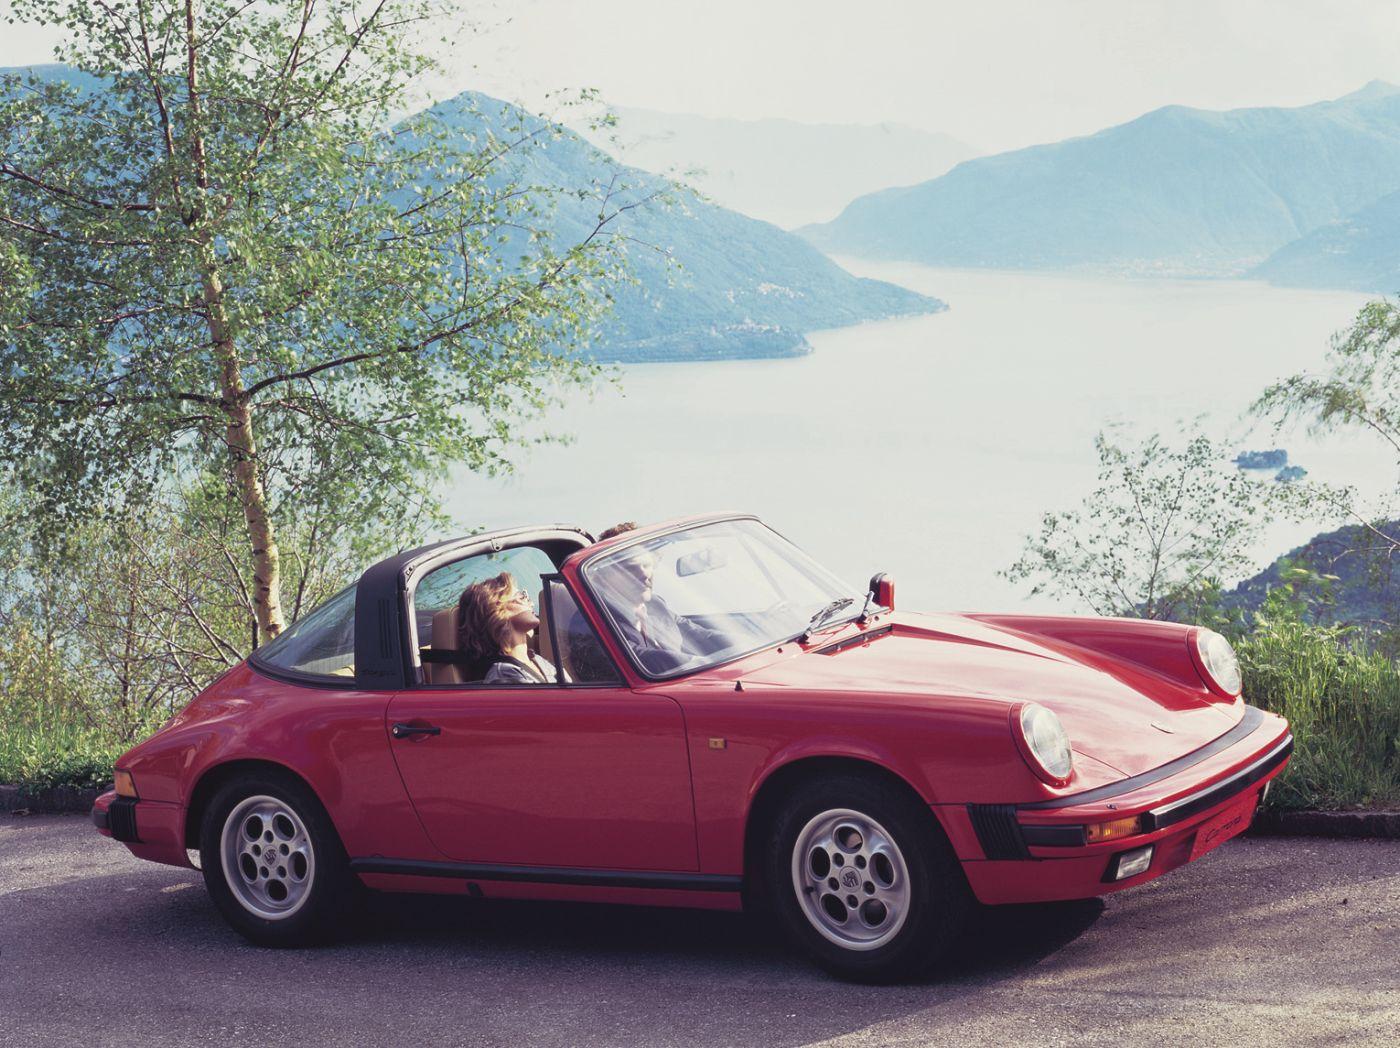 Porsche 911 Carrera G-Modell 1984 (2)